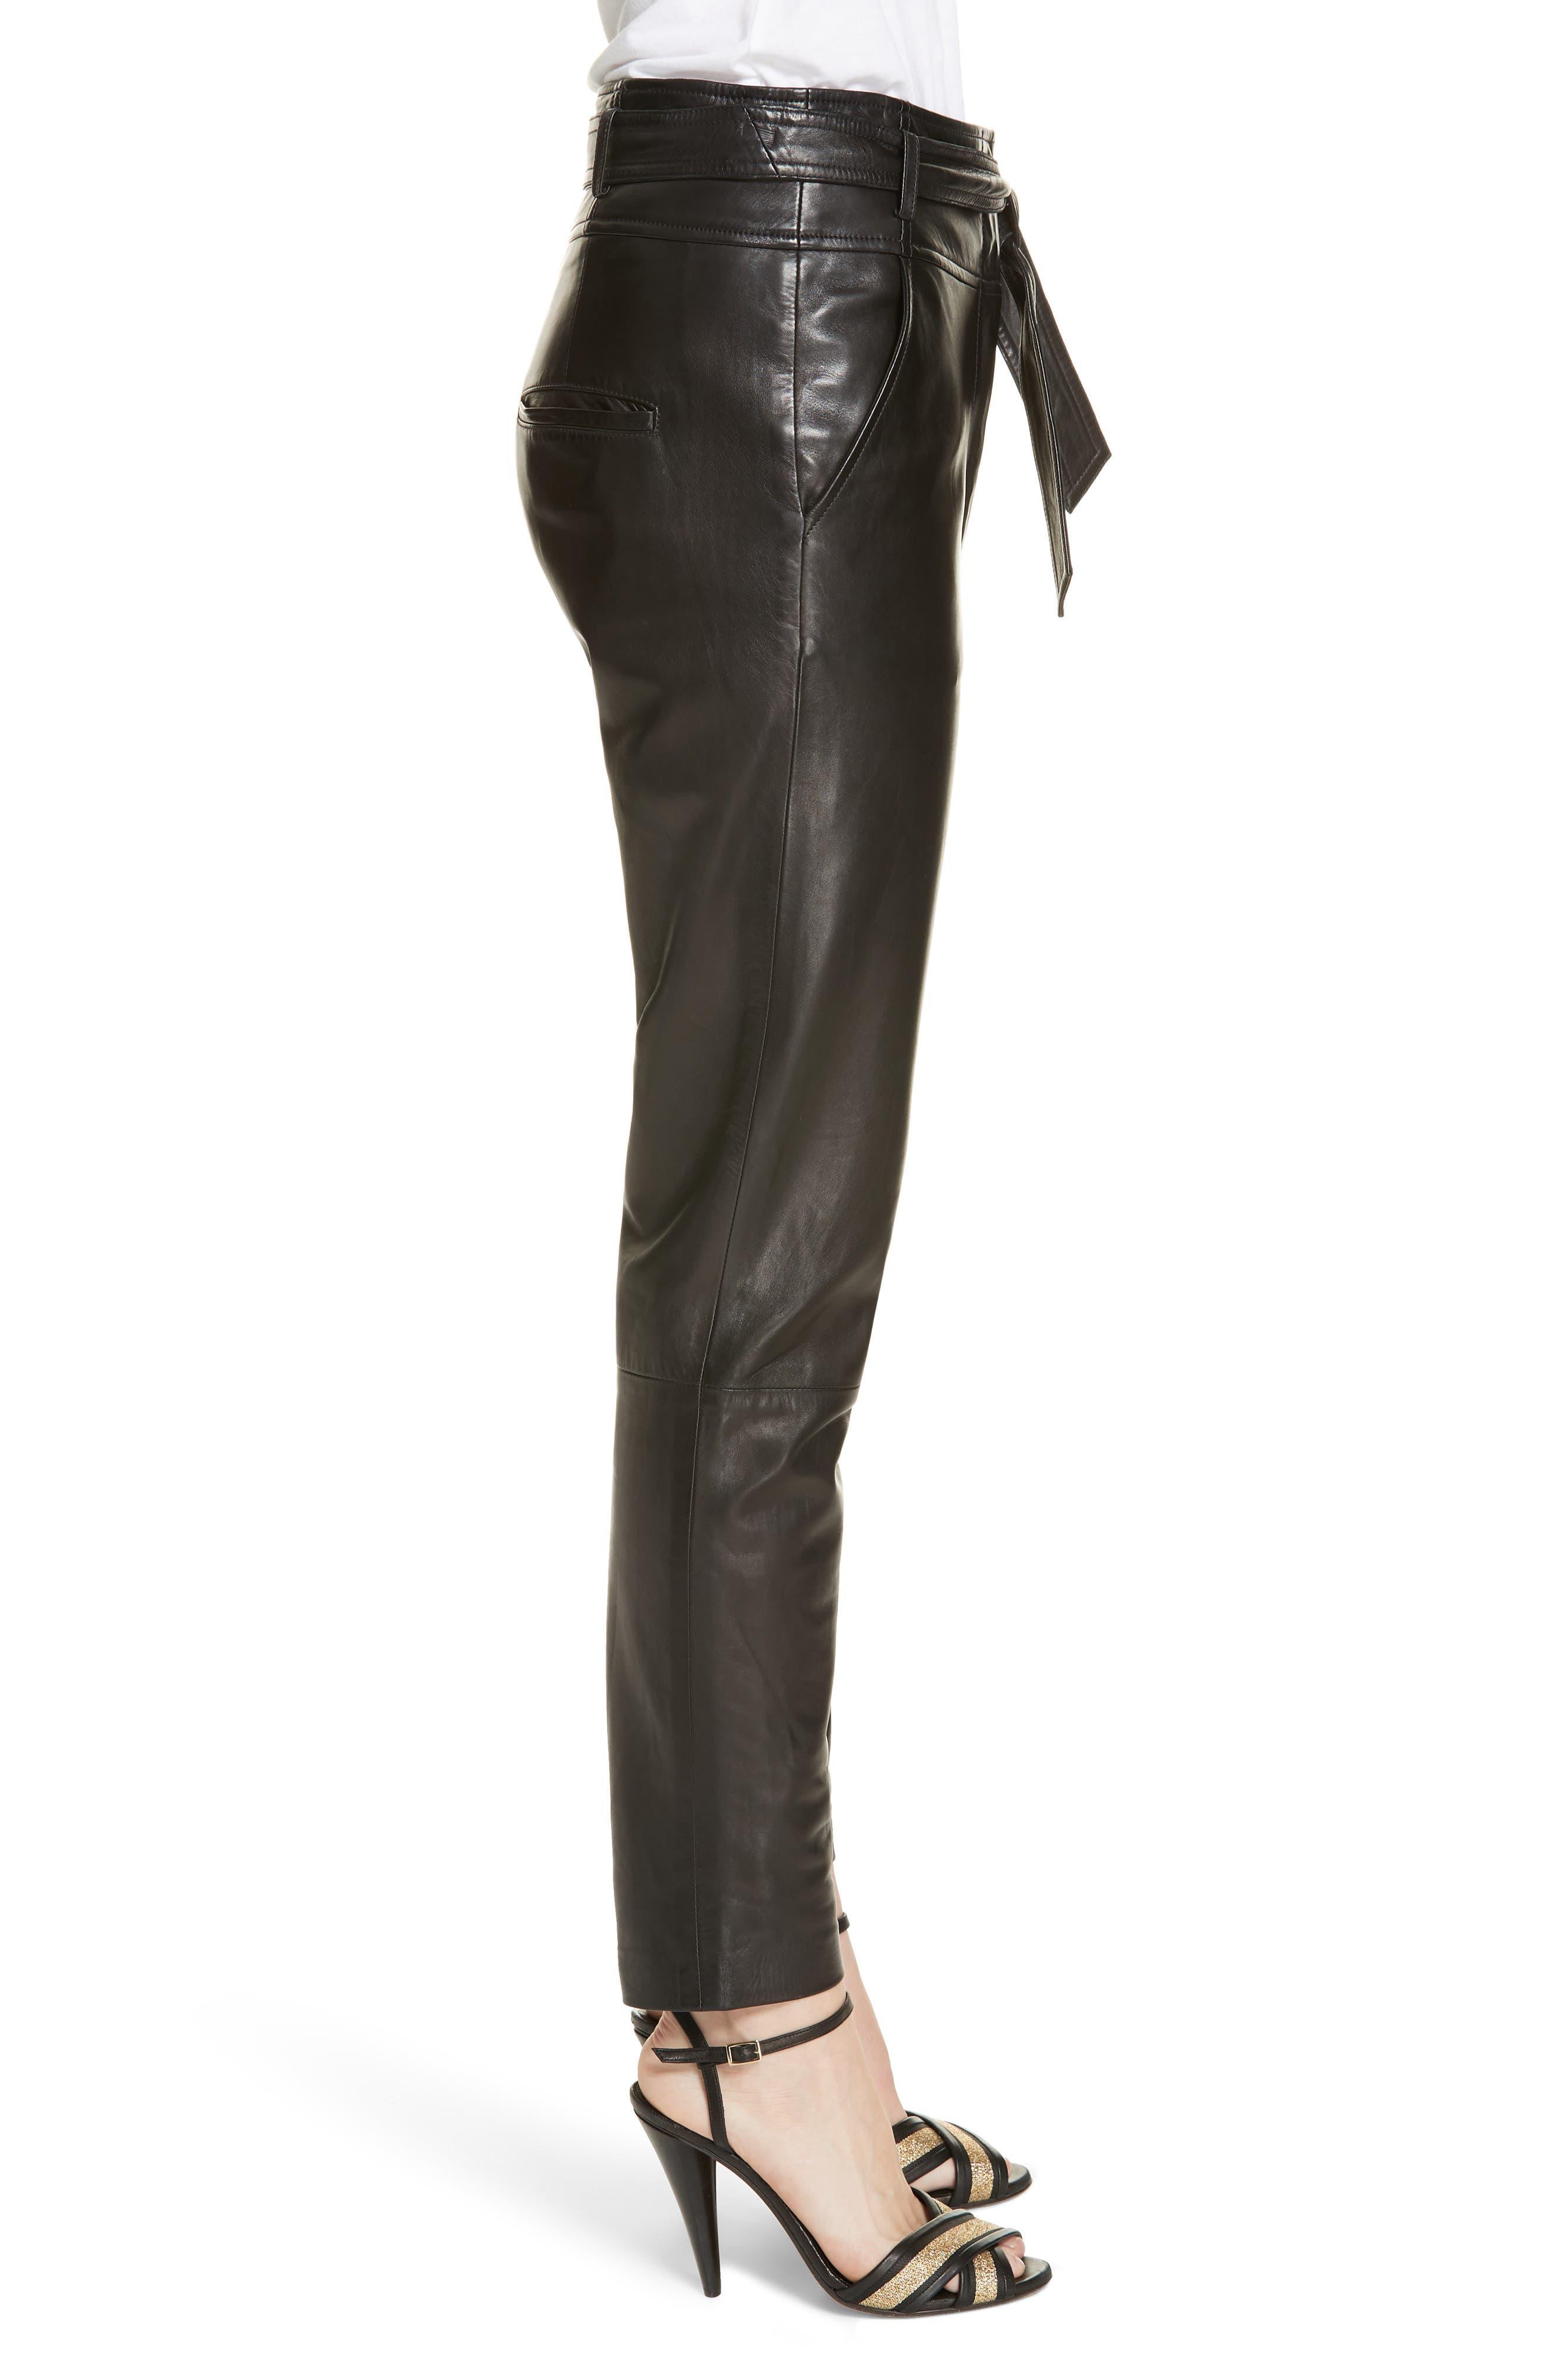 Faxon Leather Pants,                             Alternate thumbnail 3, color,                             001